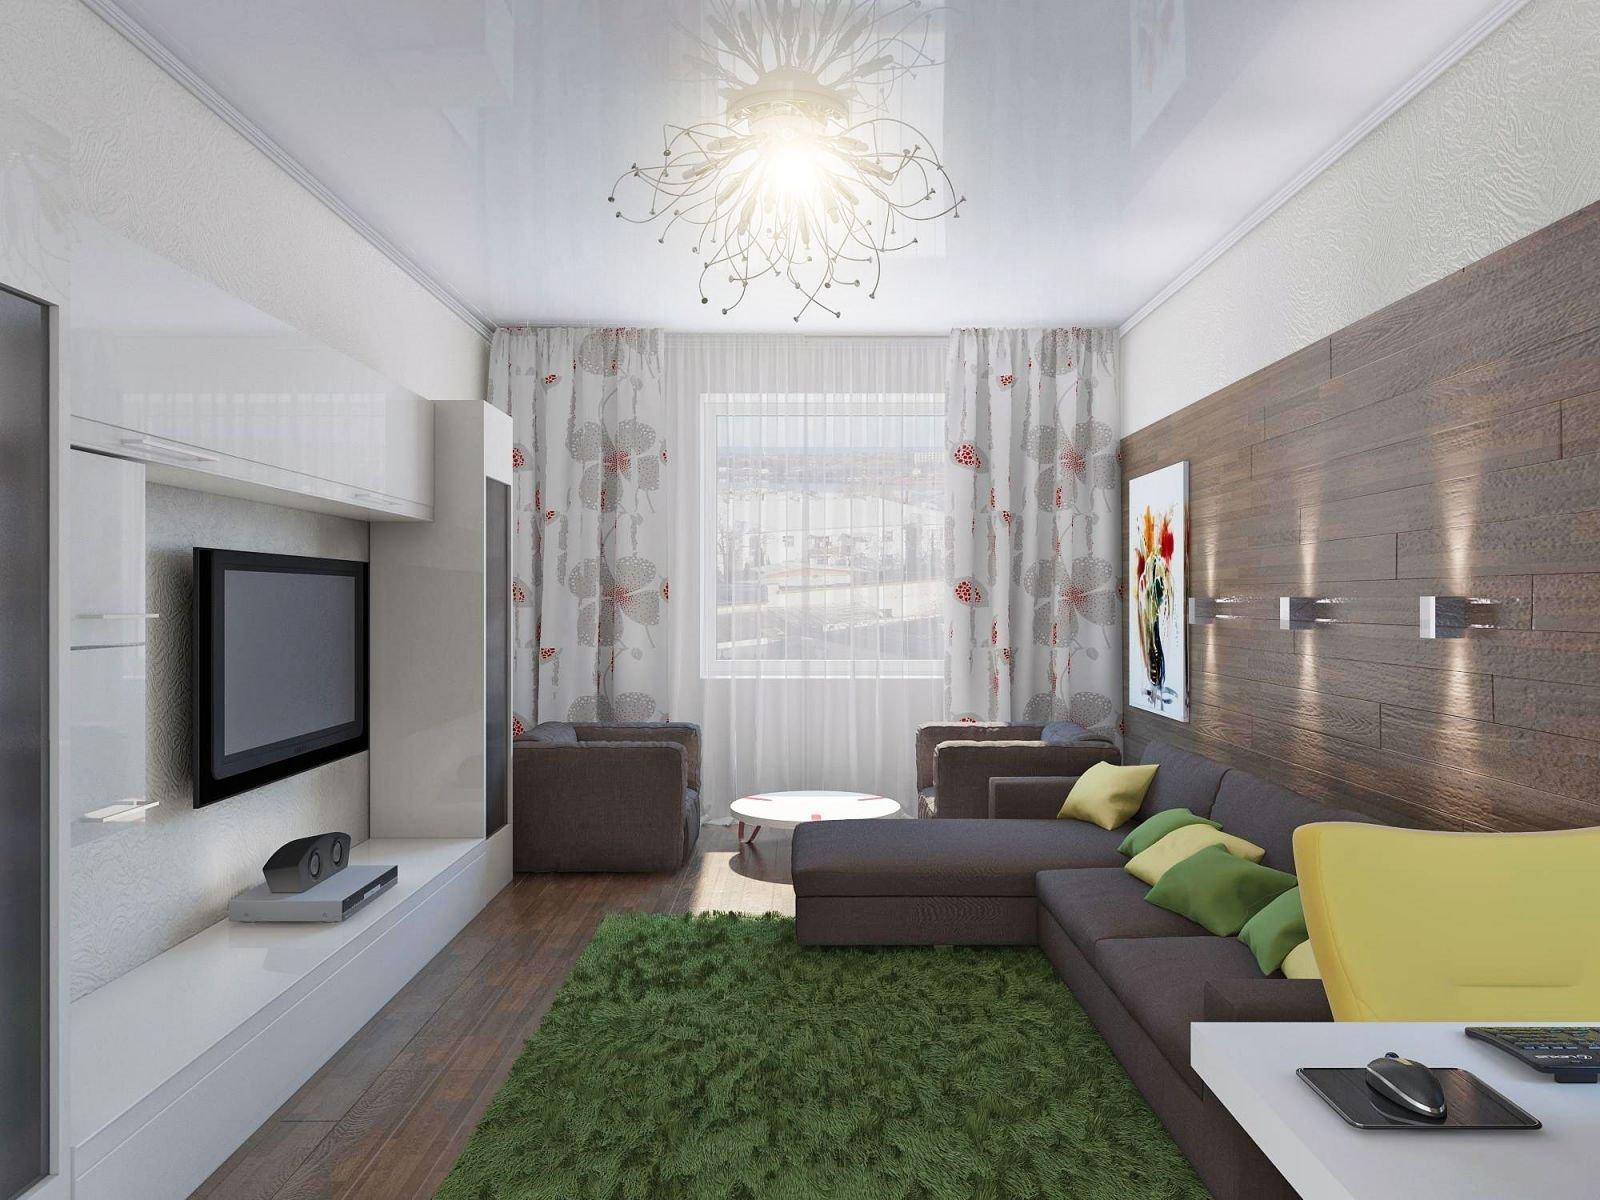 гостиная 19 кв метров идеи фото